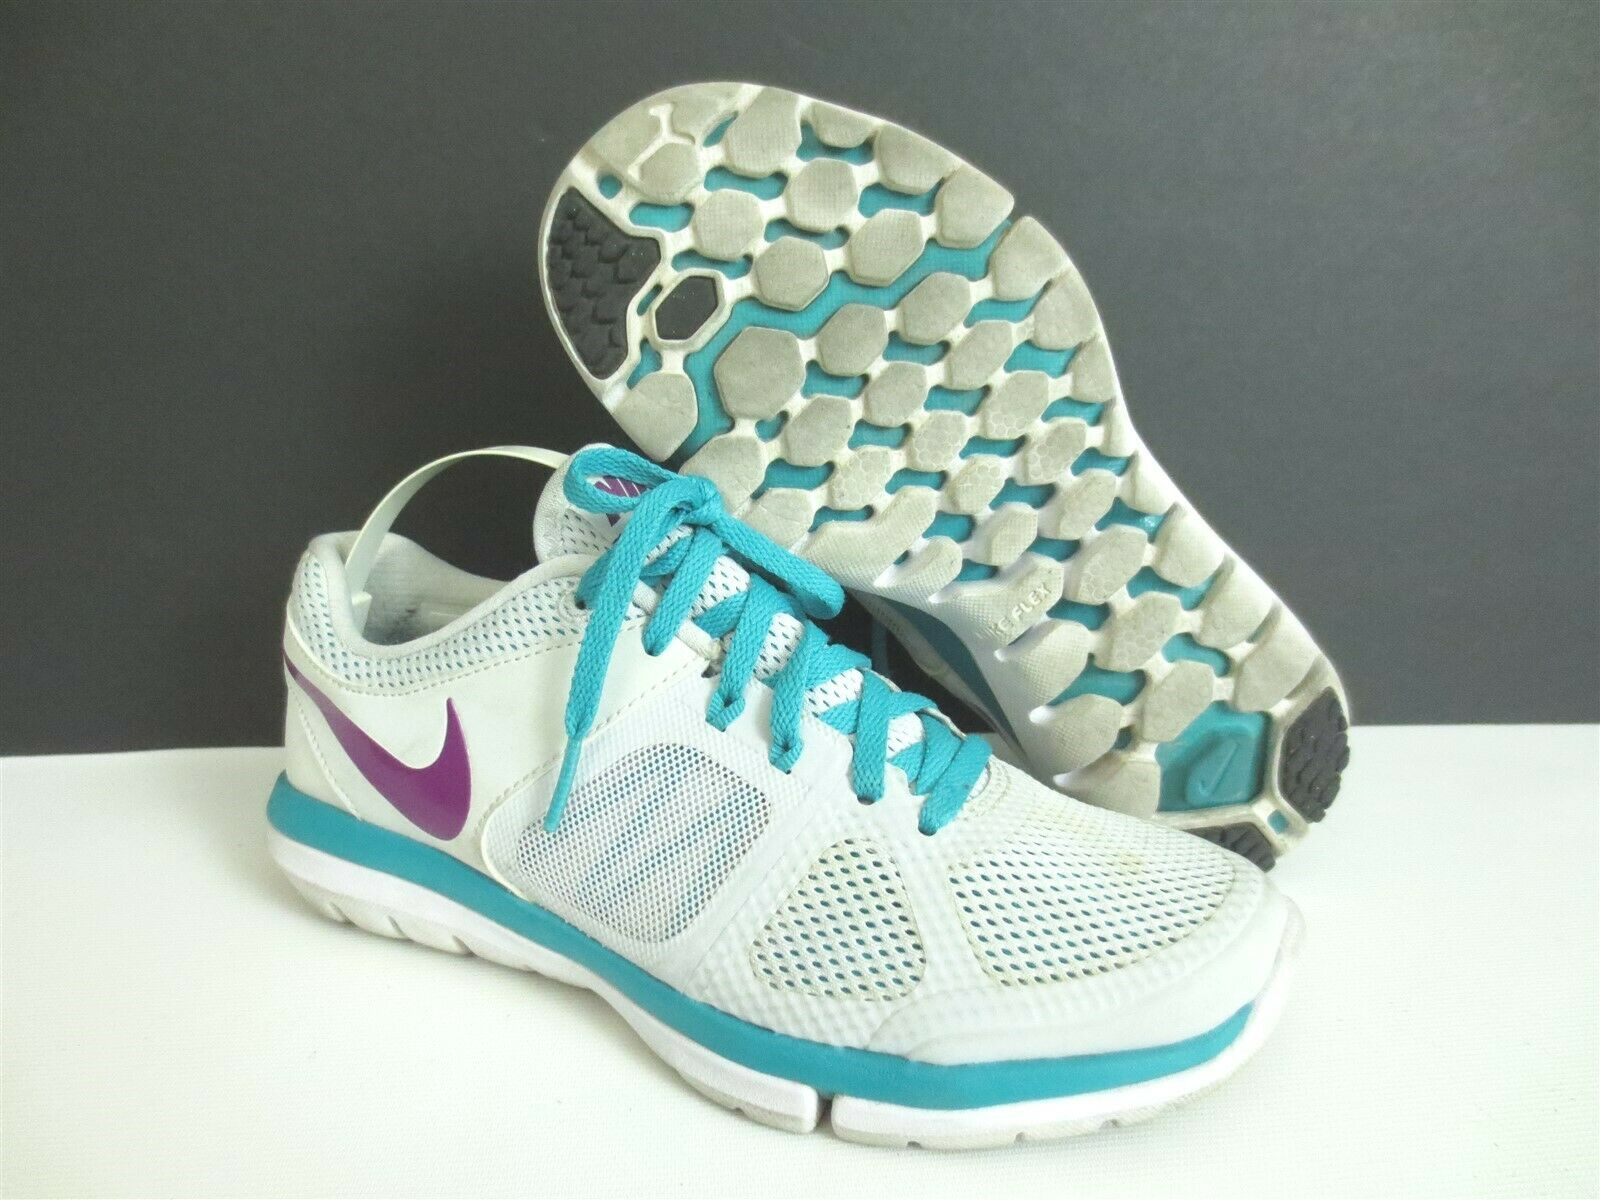 Nike Flex 2014 RN MSL Femme 642780-004 Chaussures De Course Taille 5.5 US [A42]